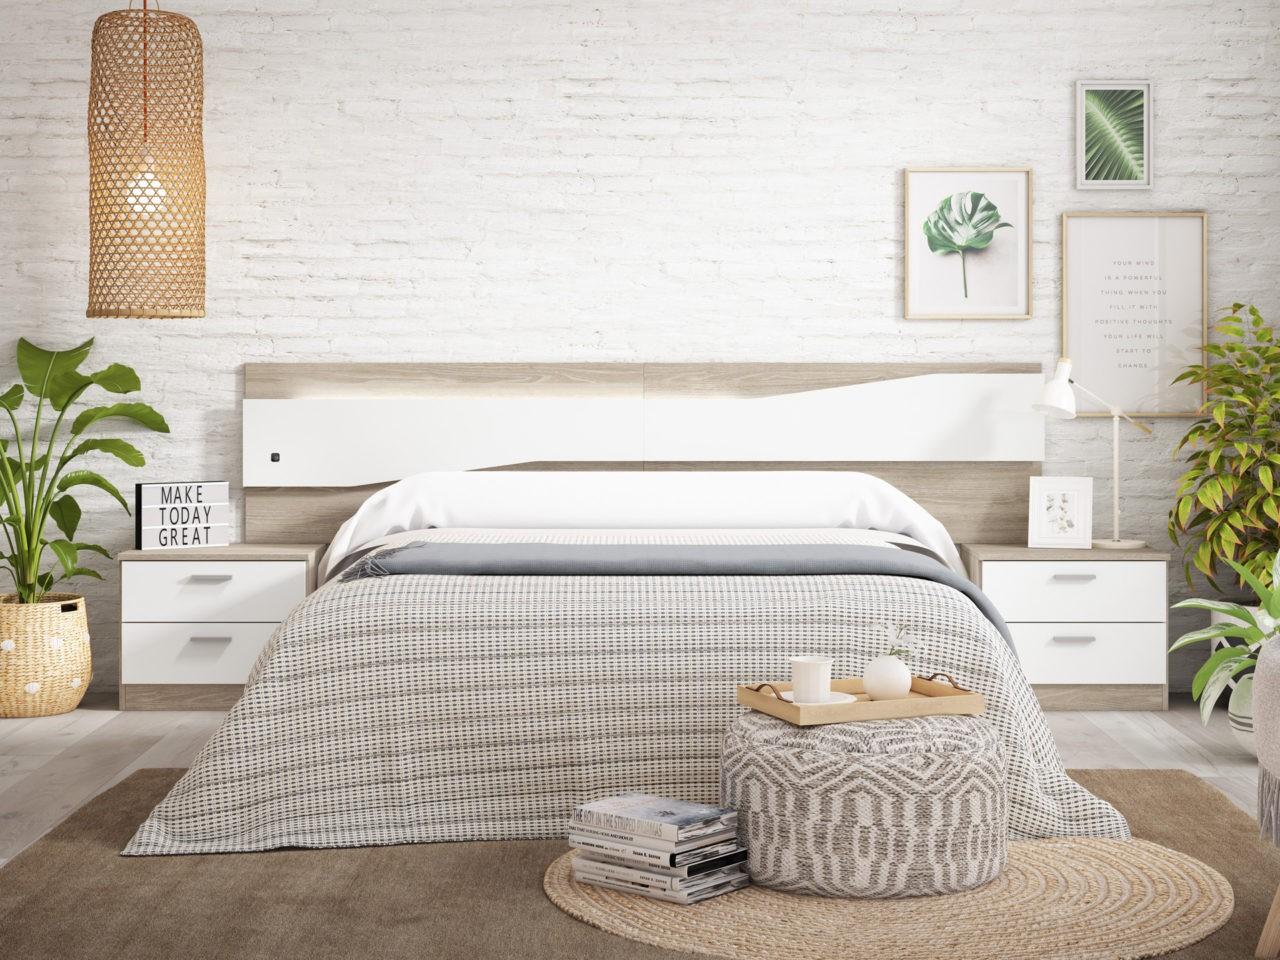 Muebles por internet obtenga ideas dise o de muebles for Muebles baratos por internet